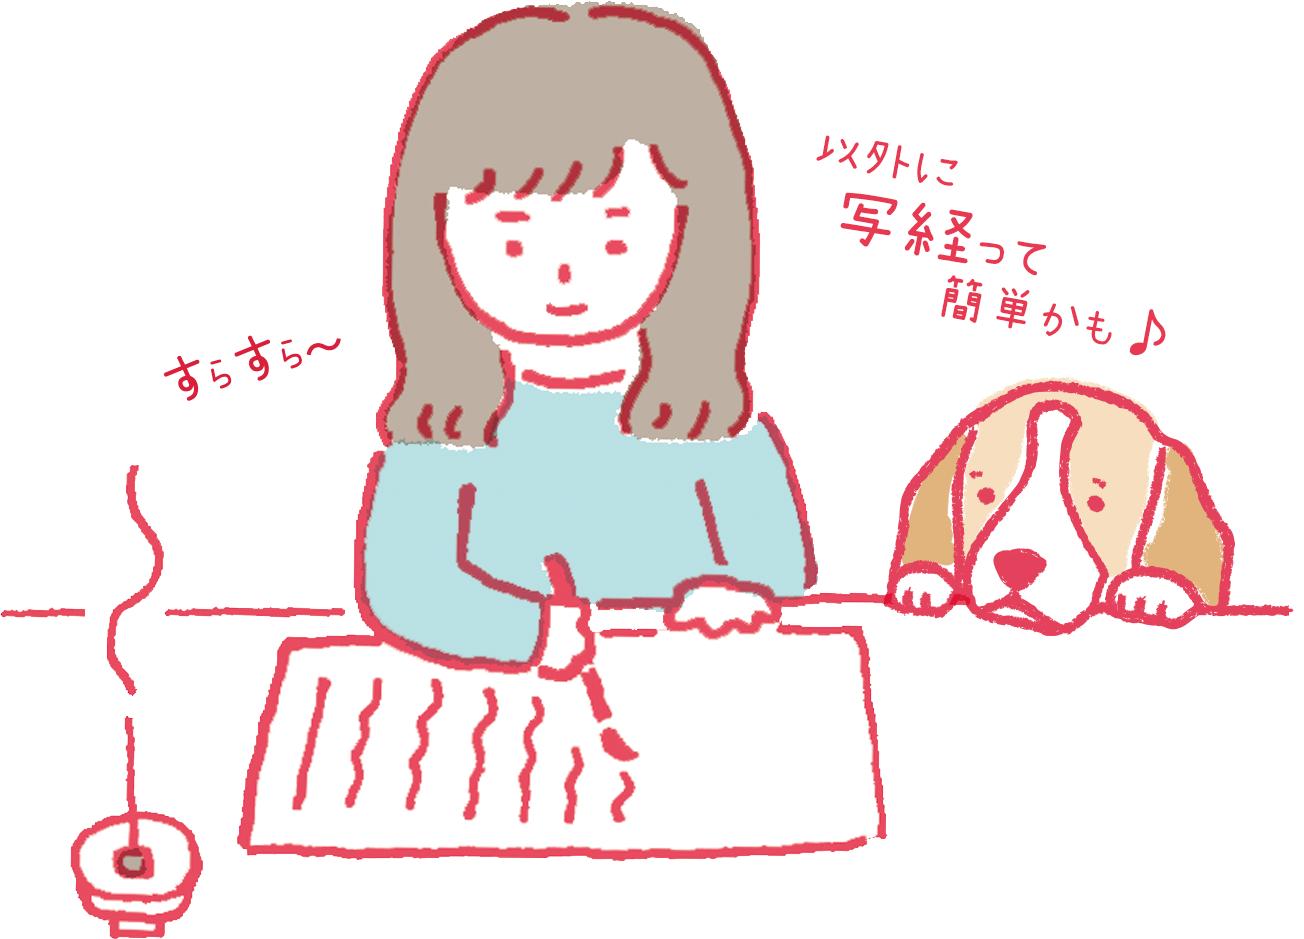 写経特集ページ